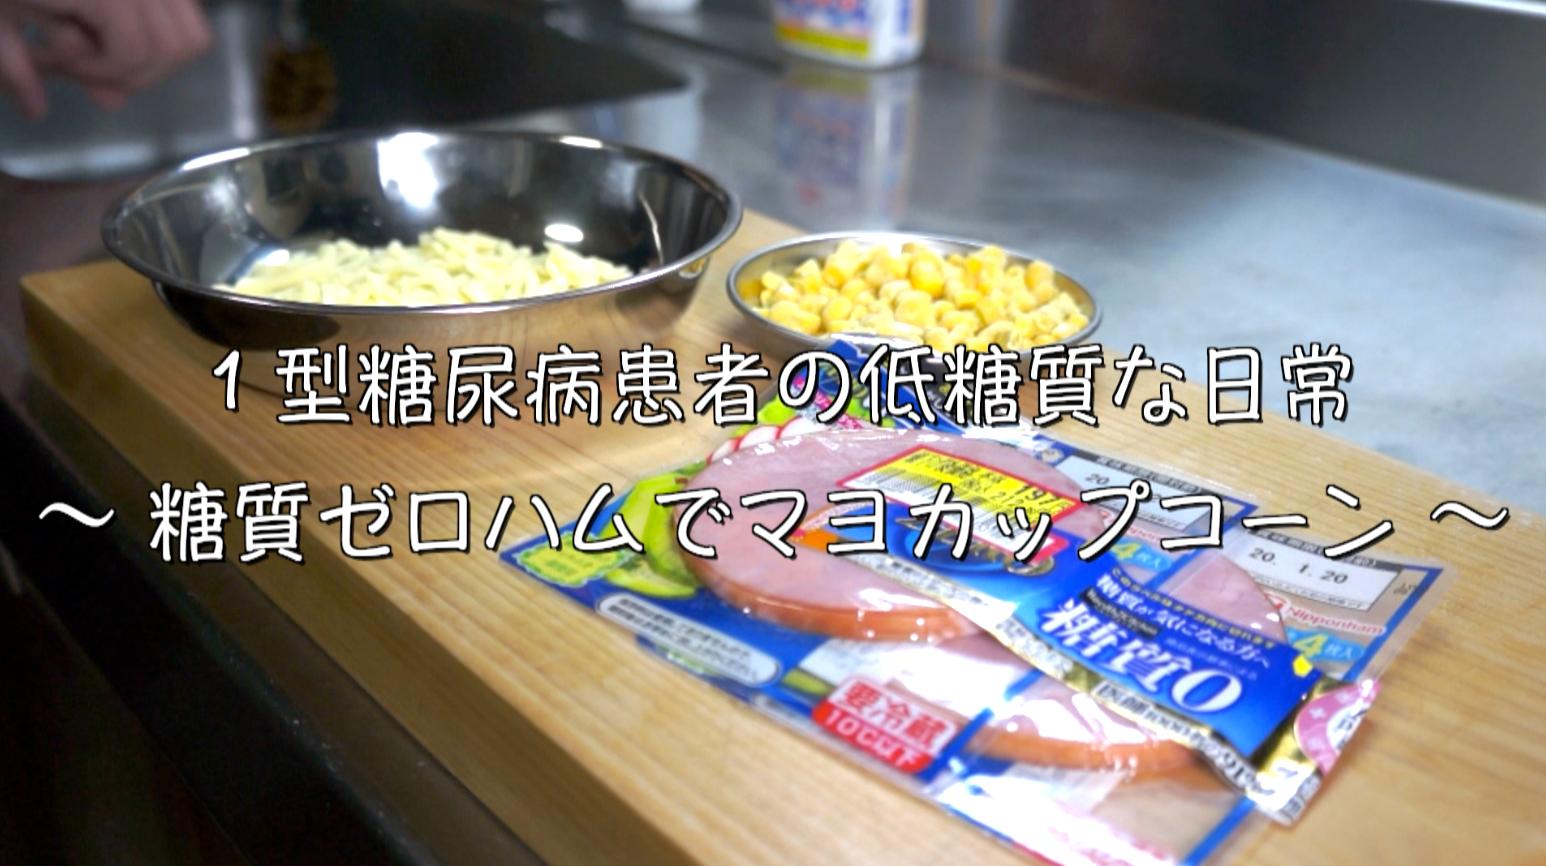 ハム コーン チーズ レシピ